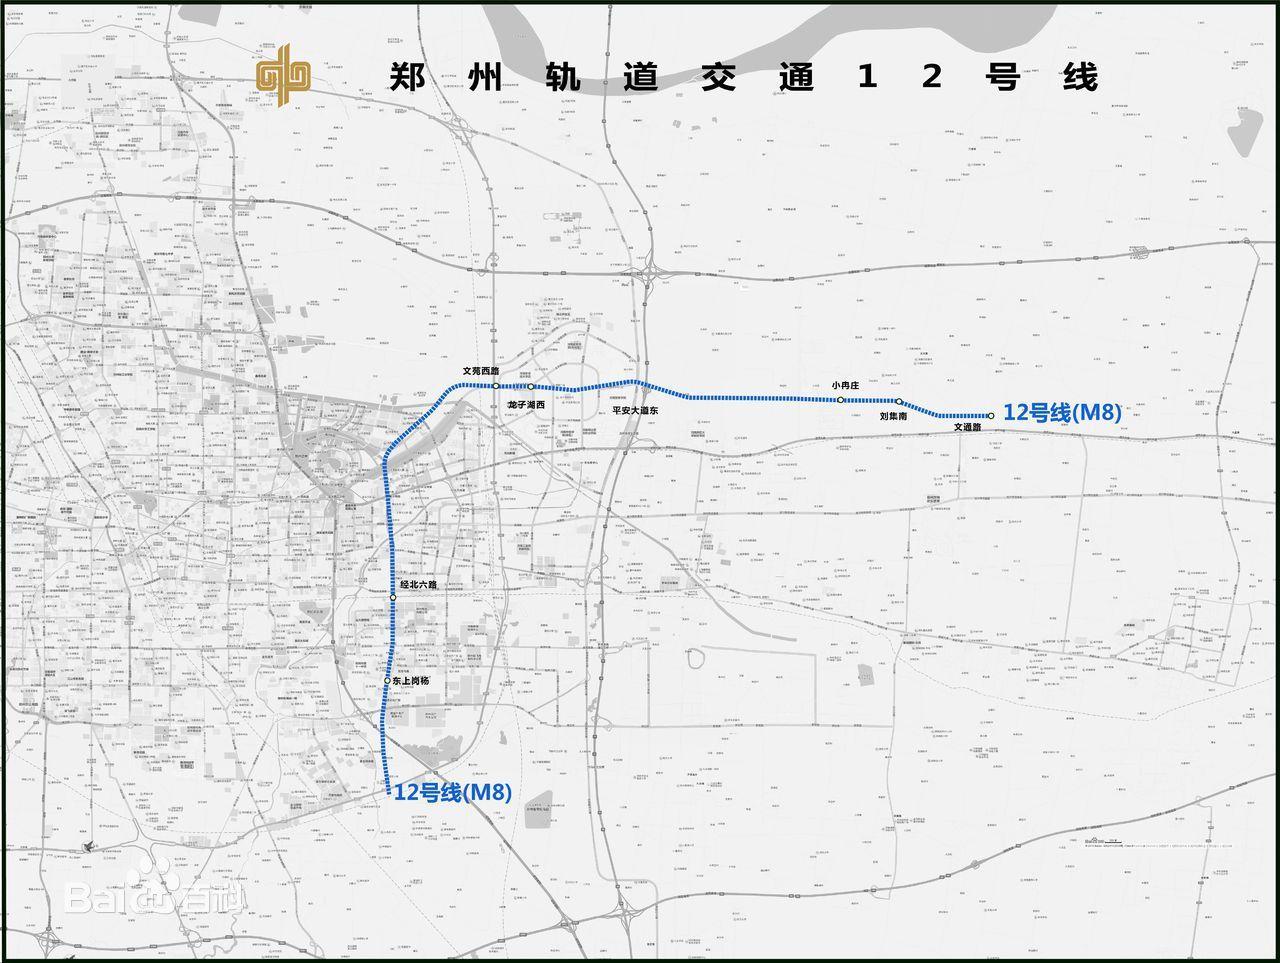 郑州地铁12号线线路图